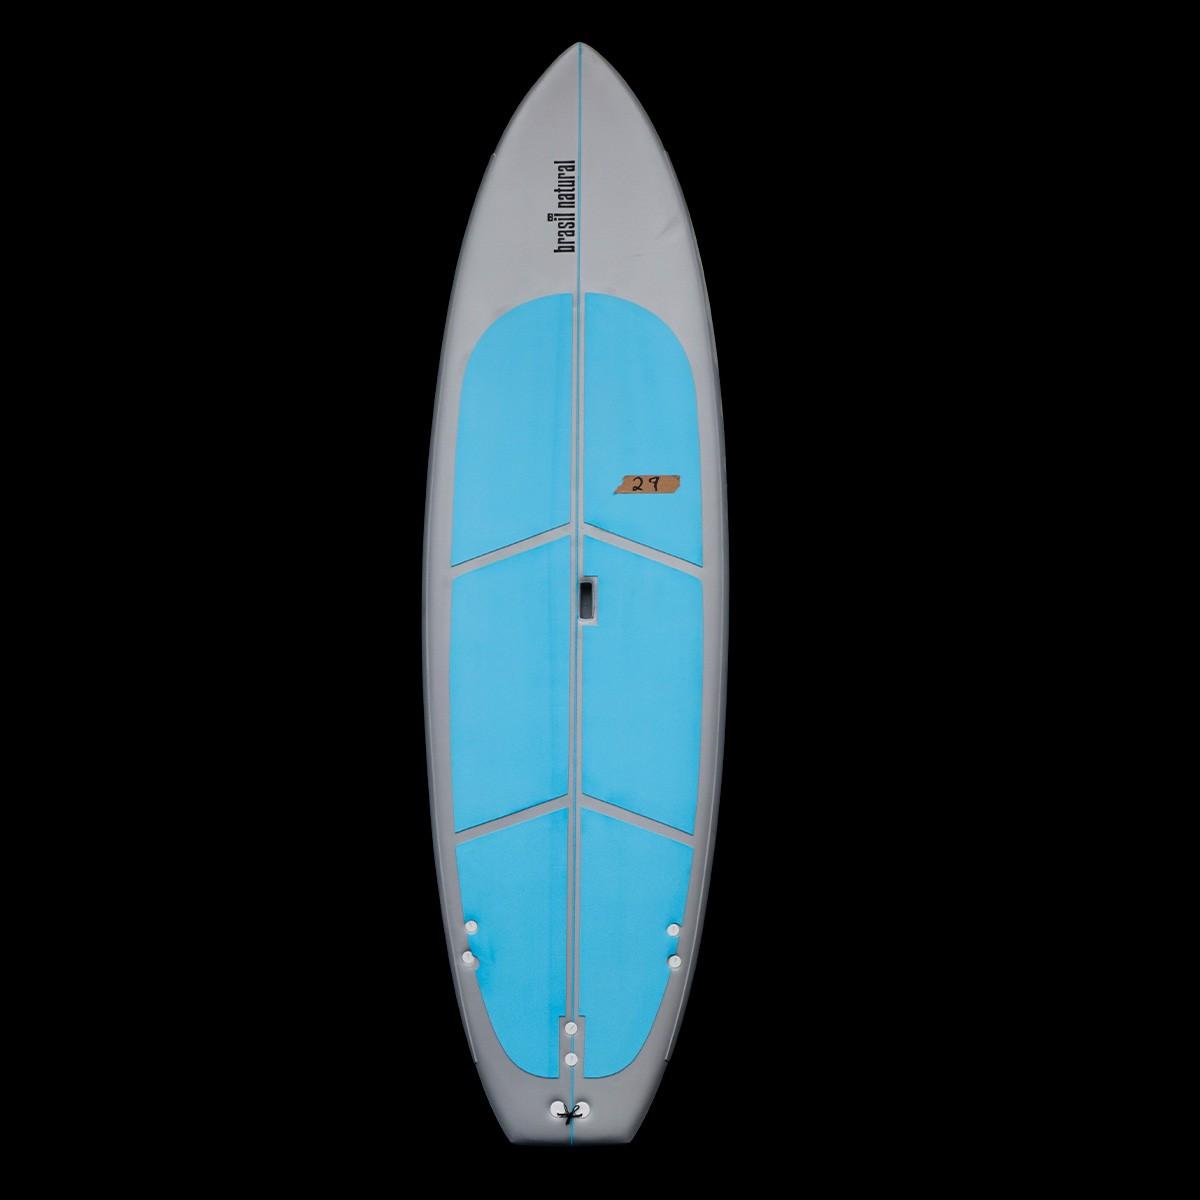 Prancha de stand up paddle 10 pés soft + kit remada - Outlet 27